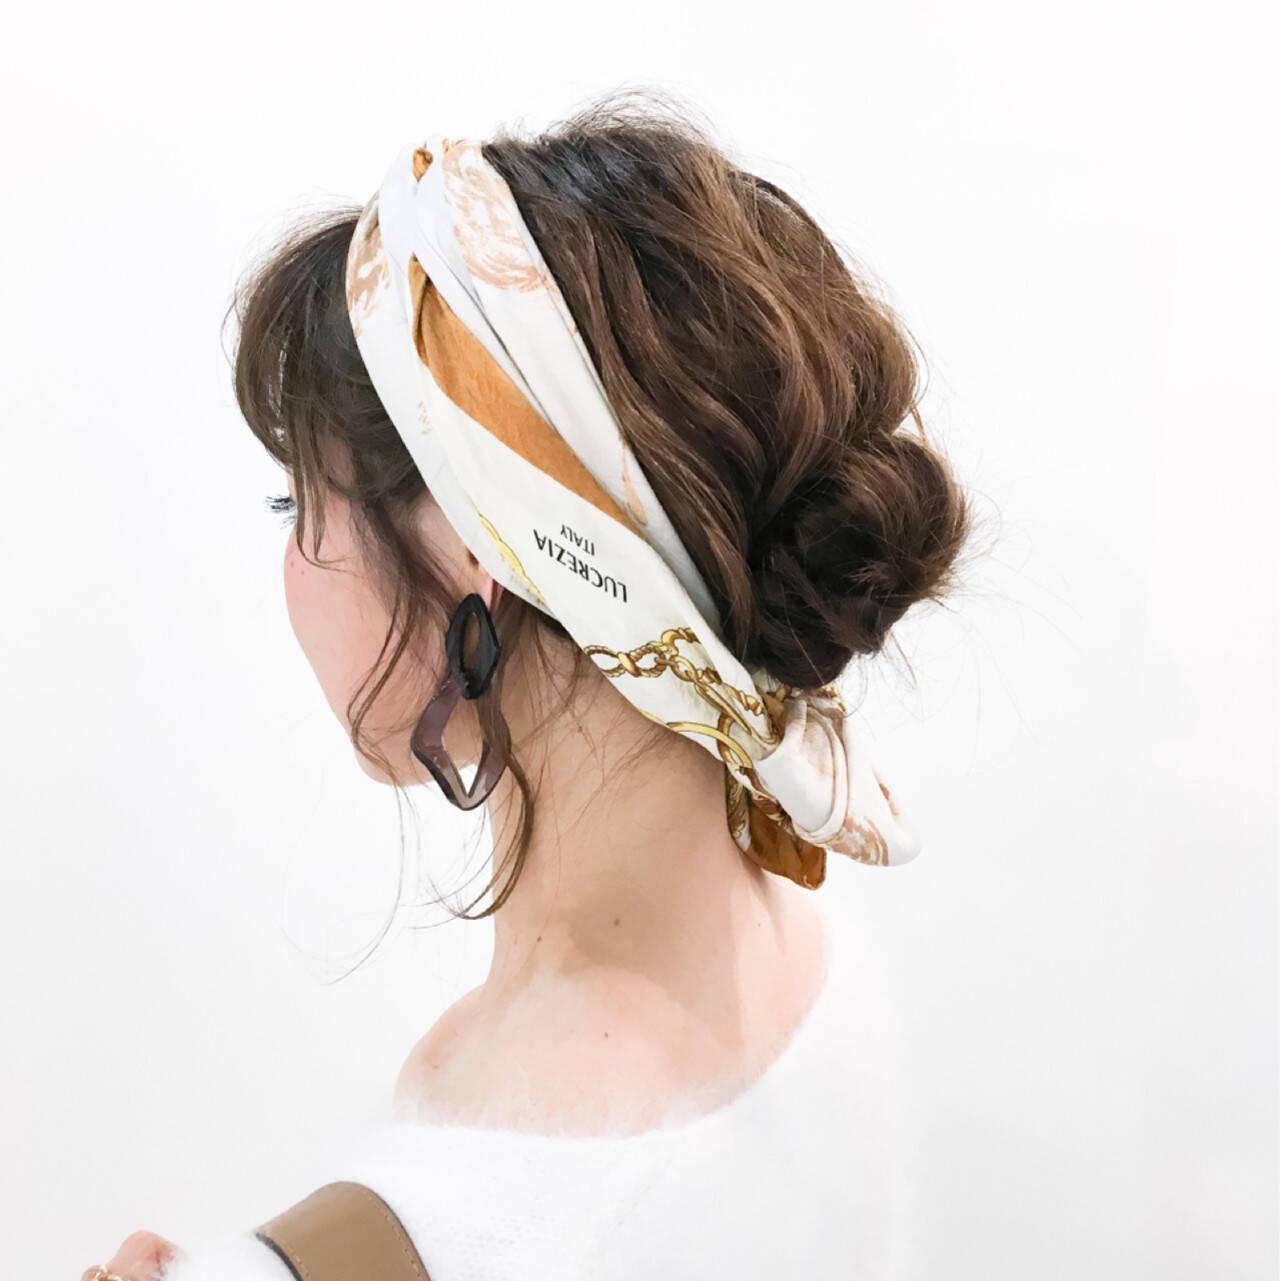 ヘアアレンジ ミディアム 外国人風 簡単ヘアアレンジヘアスタイルや髪型の写真・画像